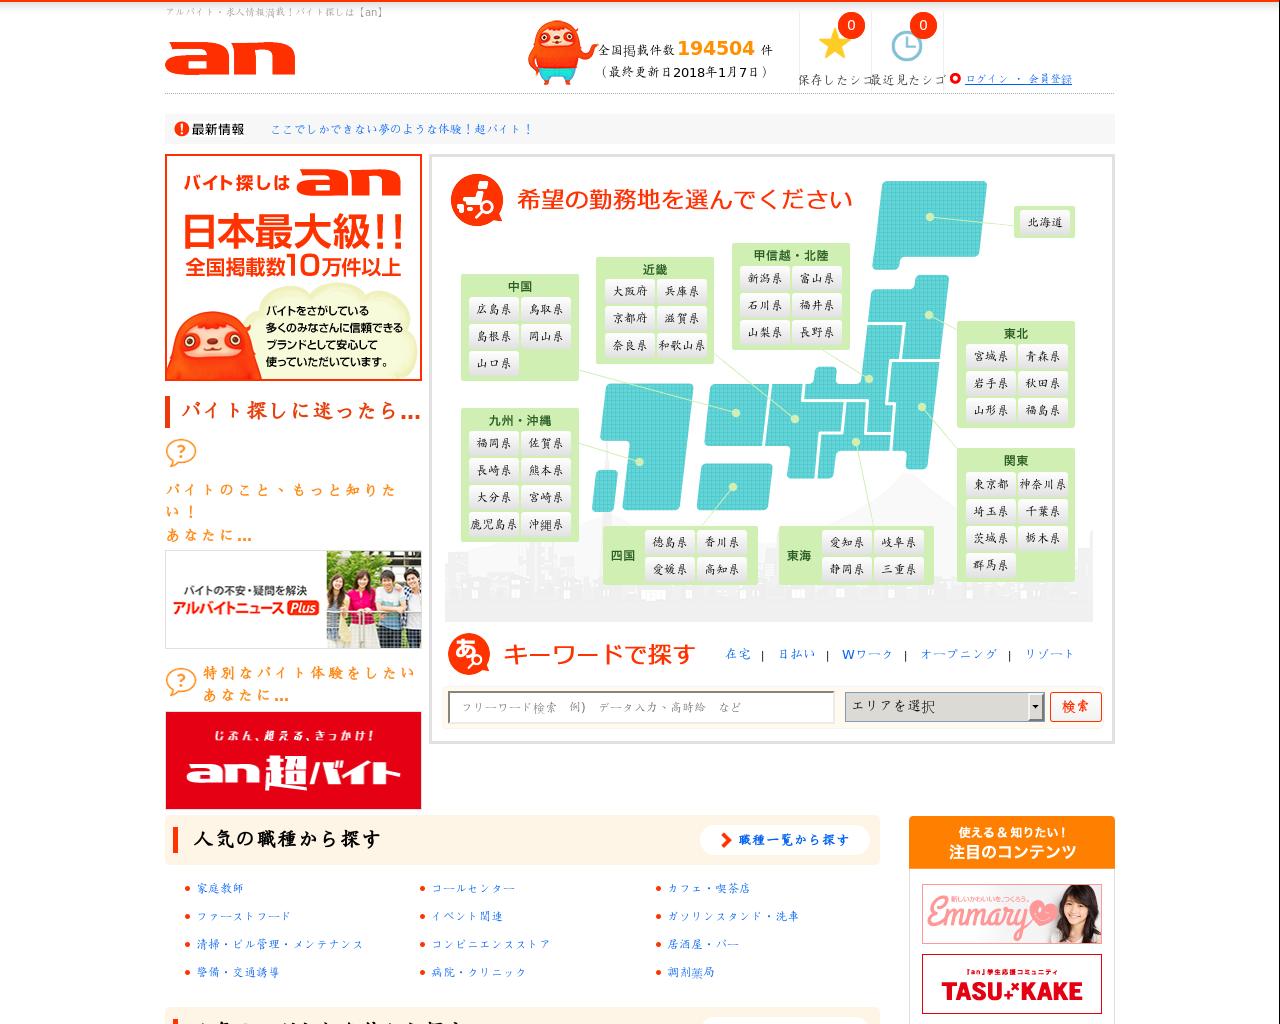 weban.jp(2018/01/07 21:10:42)